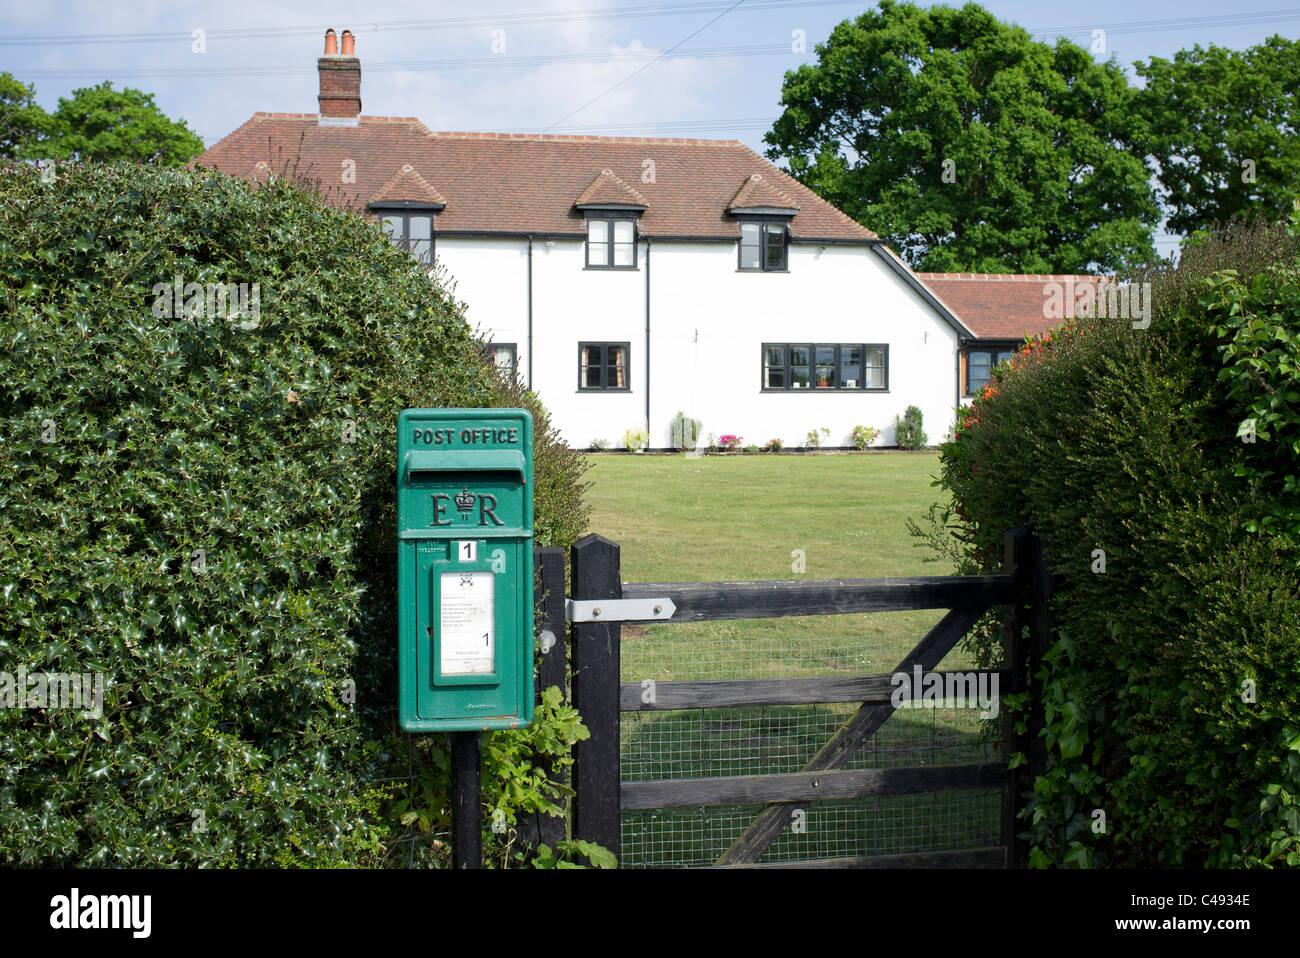 green post box outside beam cottage, Warsash, Hampshire, UK - Stock Image